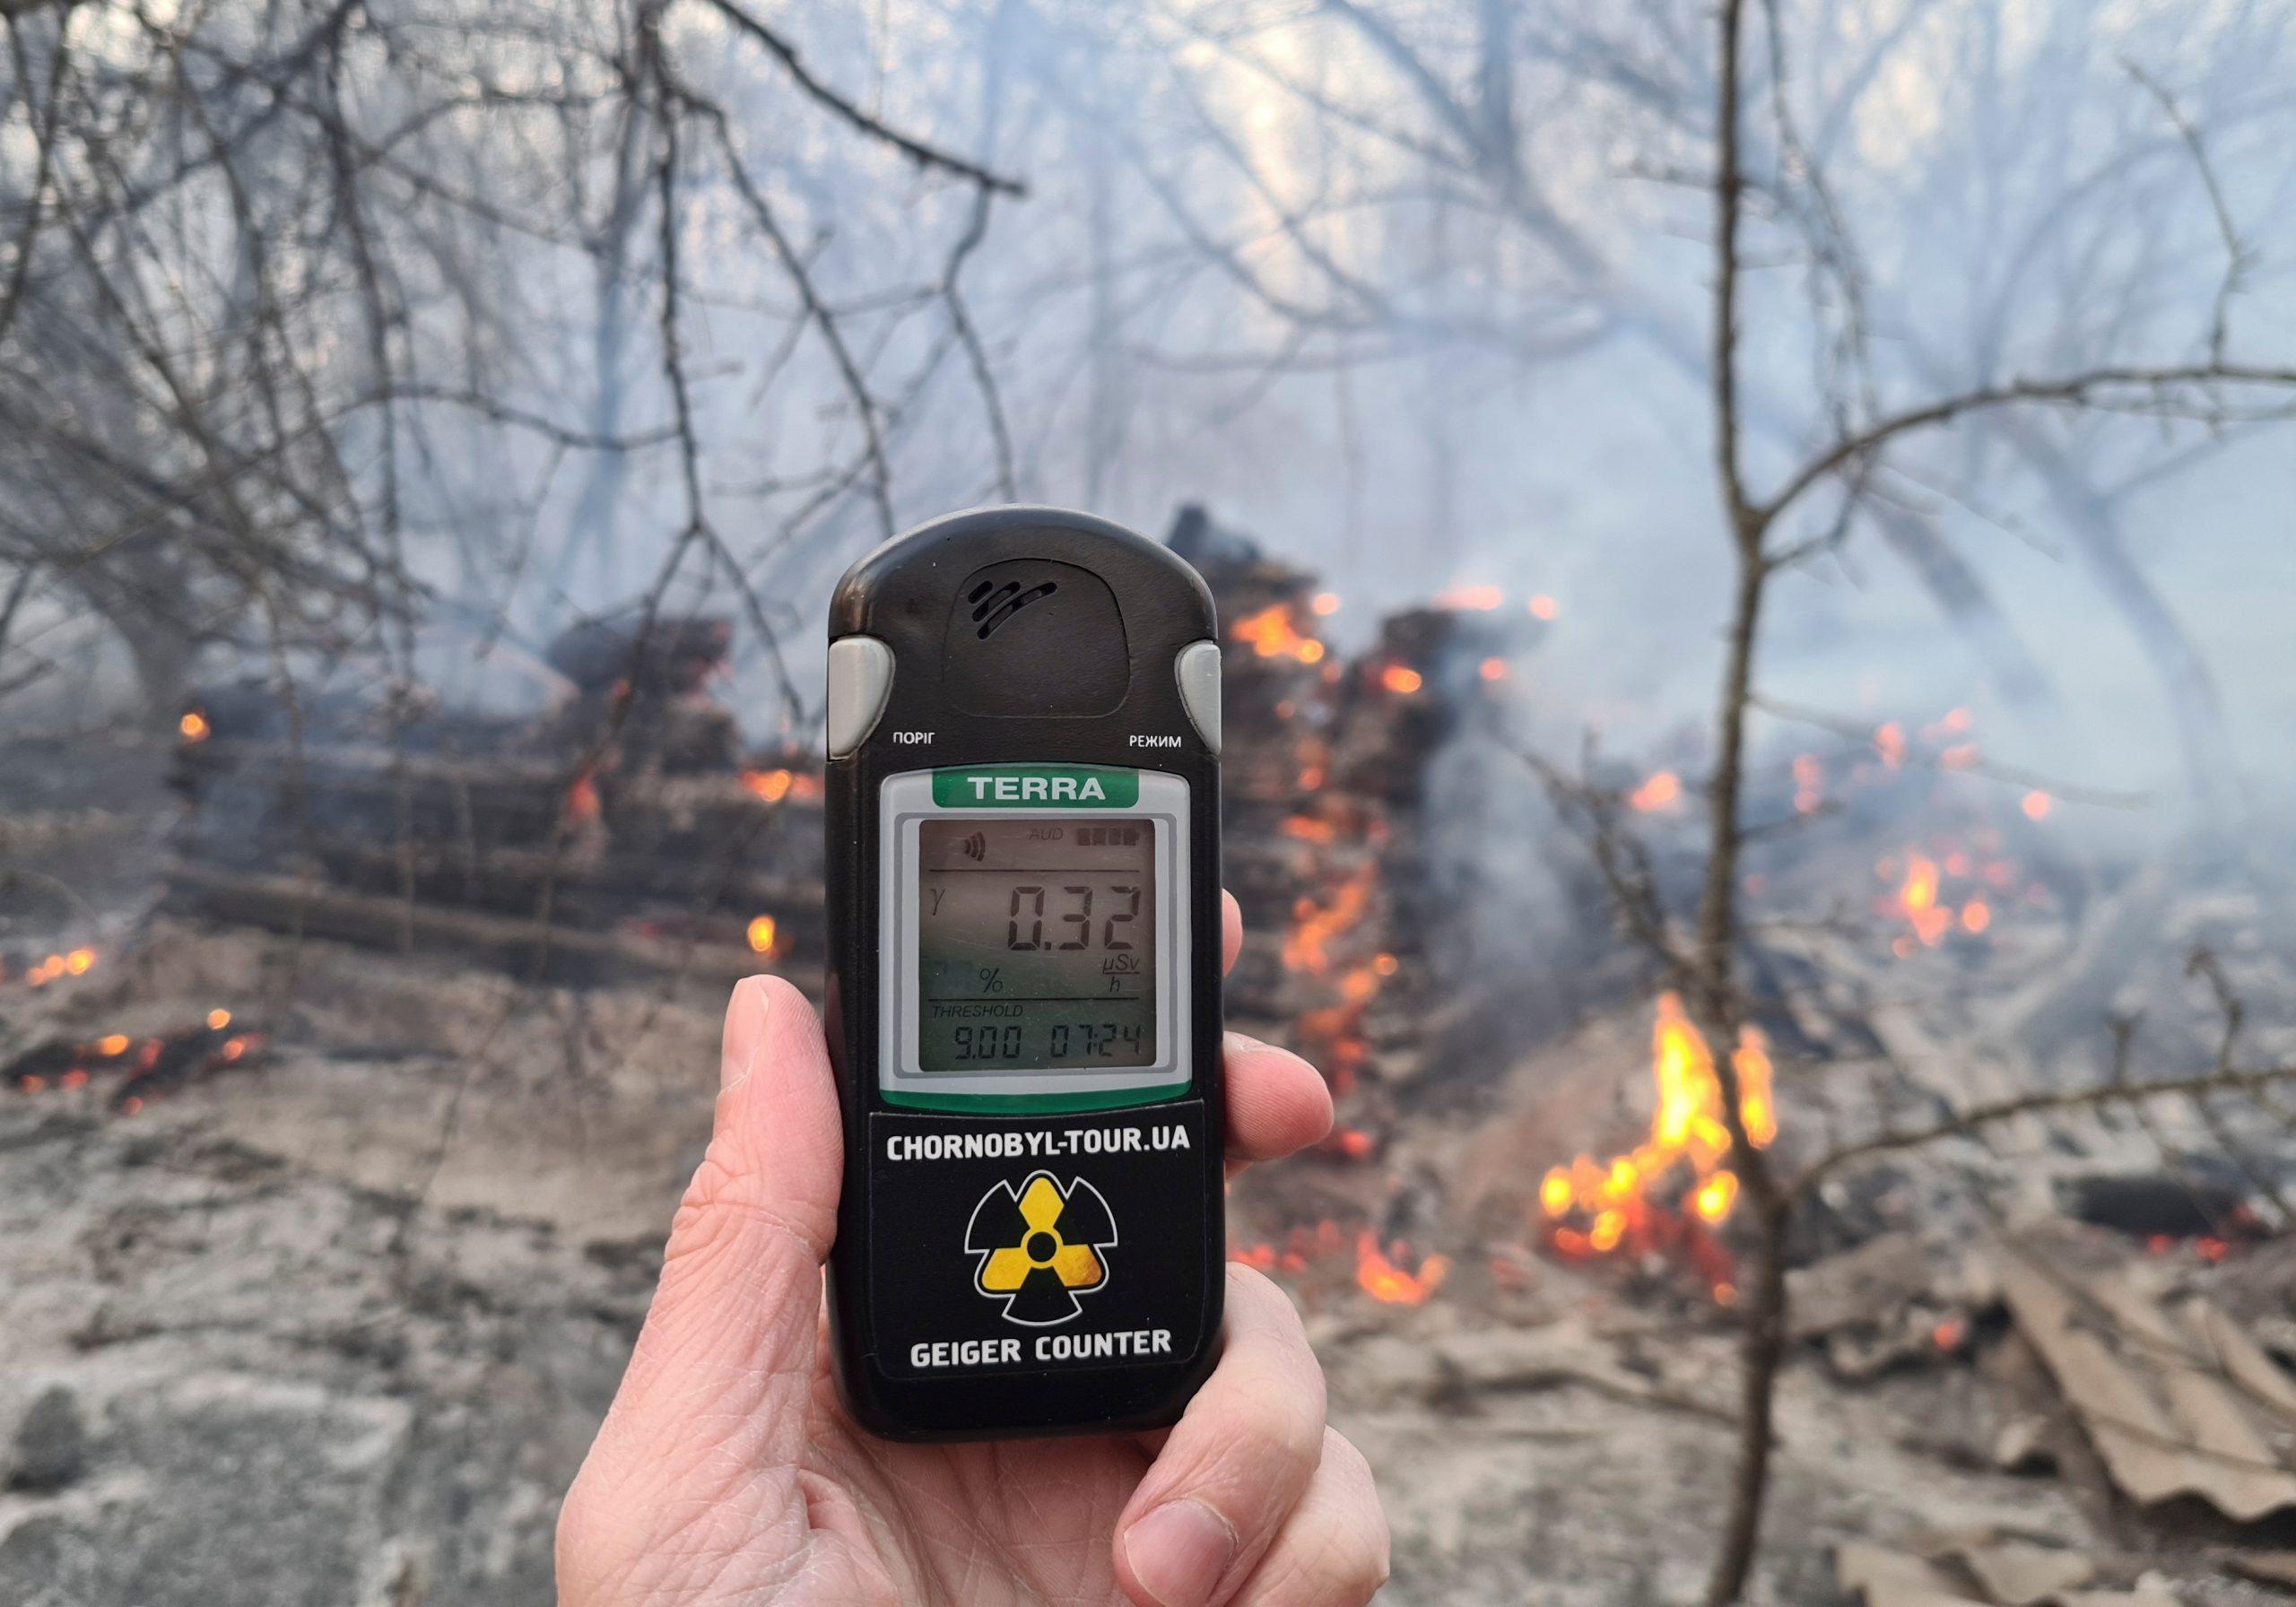 ارتفاع مستوى الإشعاع إلى ستة عشر ضعفا حول تشرنوبل بسبب حرائق الغابات المجاورة - ارتفاع نسبة الإشعاع إلى 16 مرة في تشيرنوبل